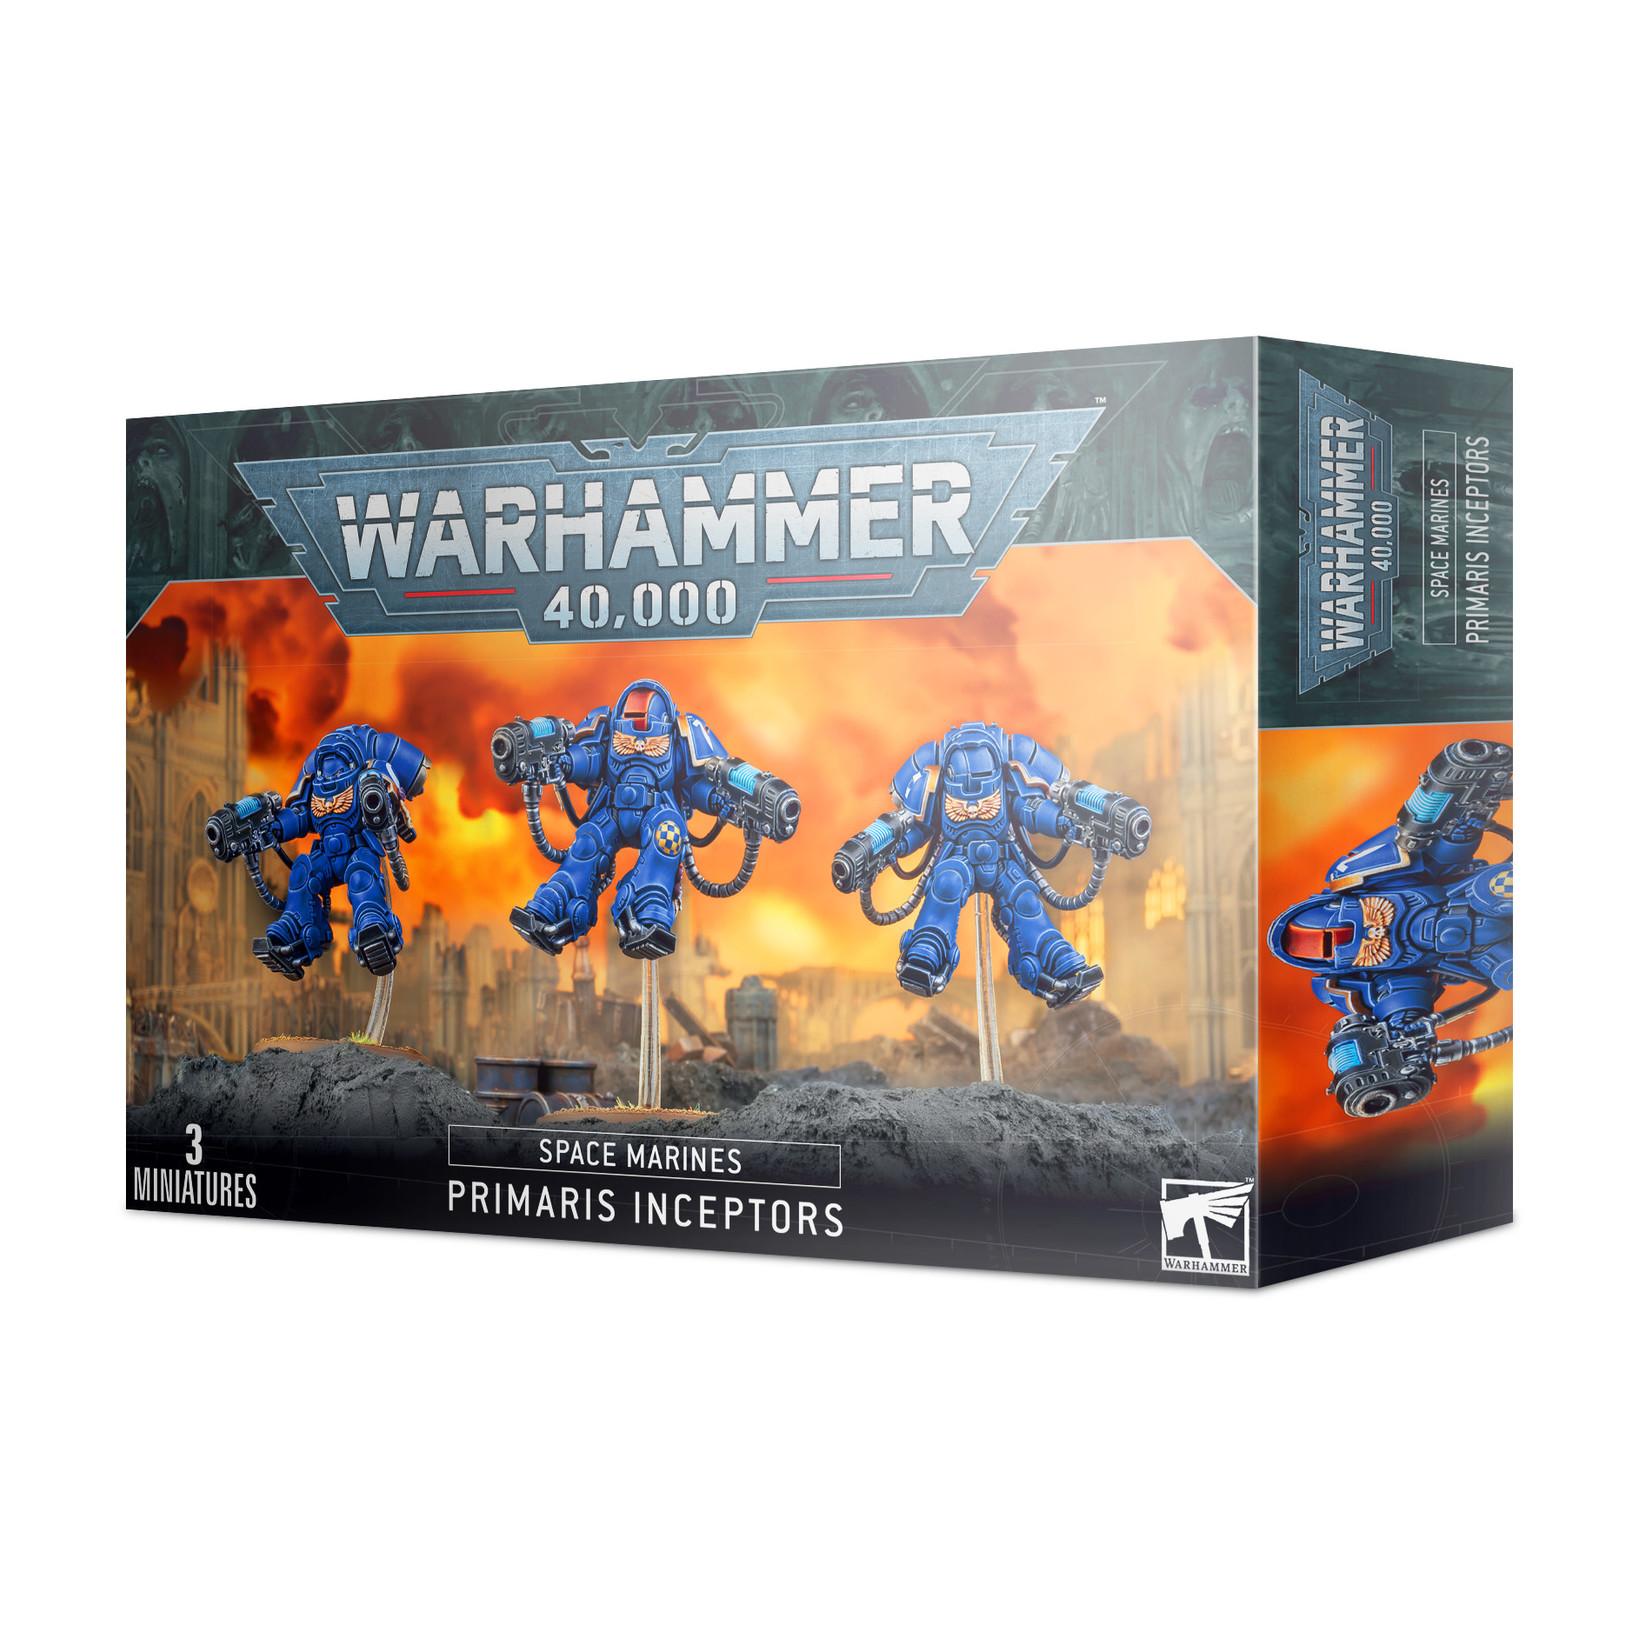 Games Workshop Warhammer 40k: Space Marines - Primaris Inceptors